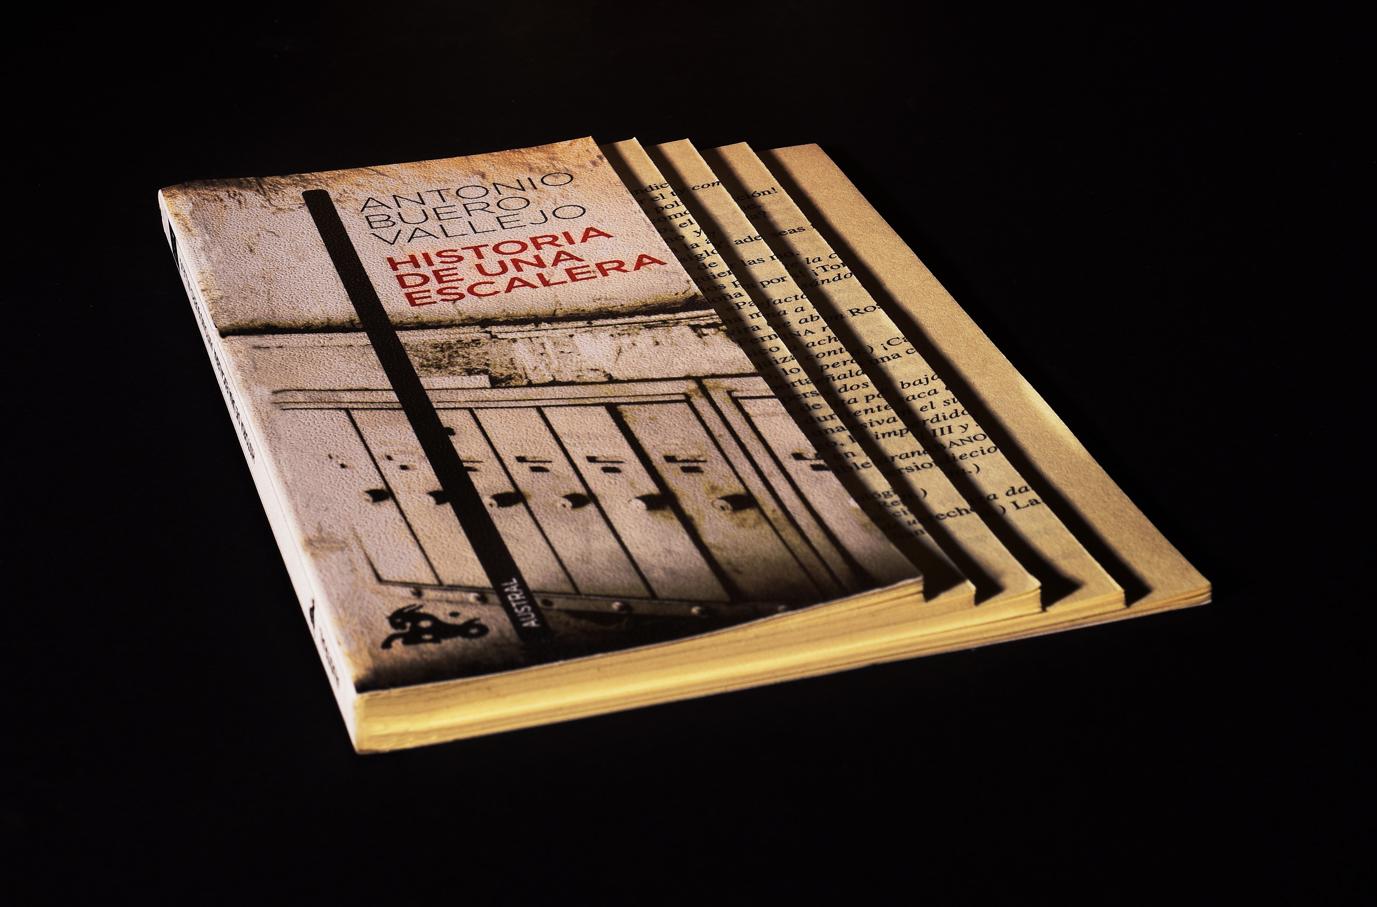 Alfonso Grau,DesequiliGrau,Belen Artspace,Chem,a madoz, surealista,poetico,imagenes,cotidiano,Belen artspace